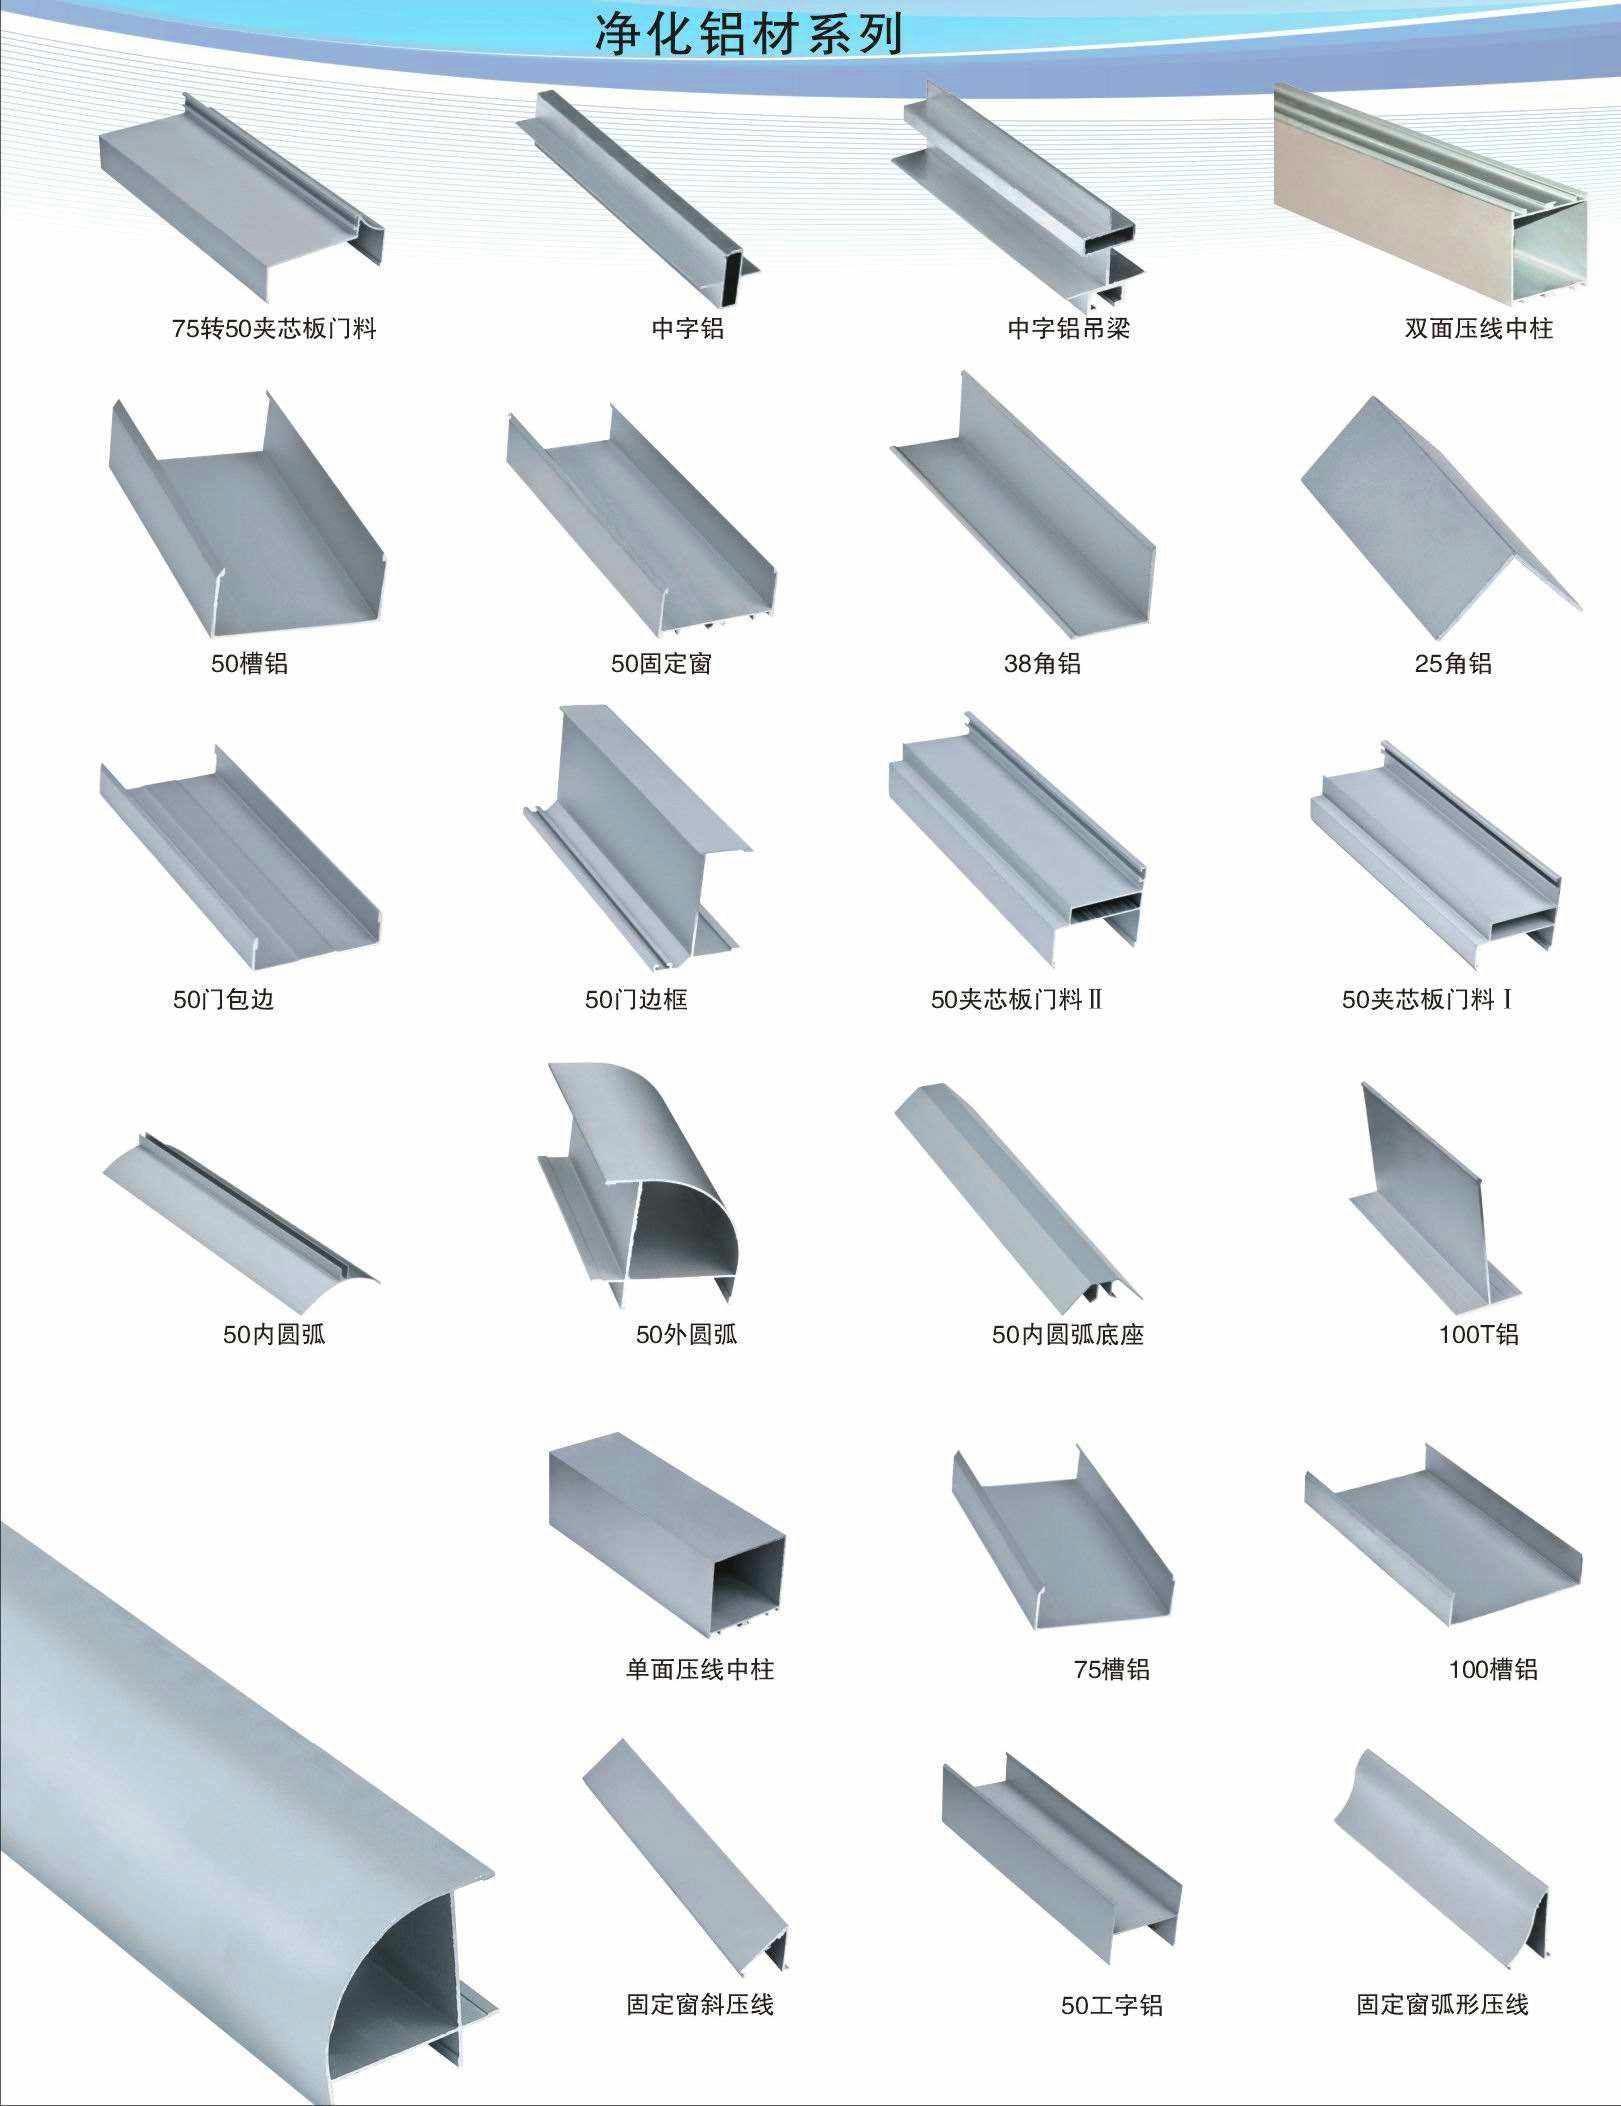 哪有供应专�业的净化铝材 _断桥门窗铝材